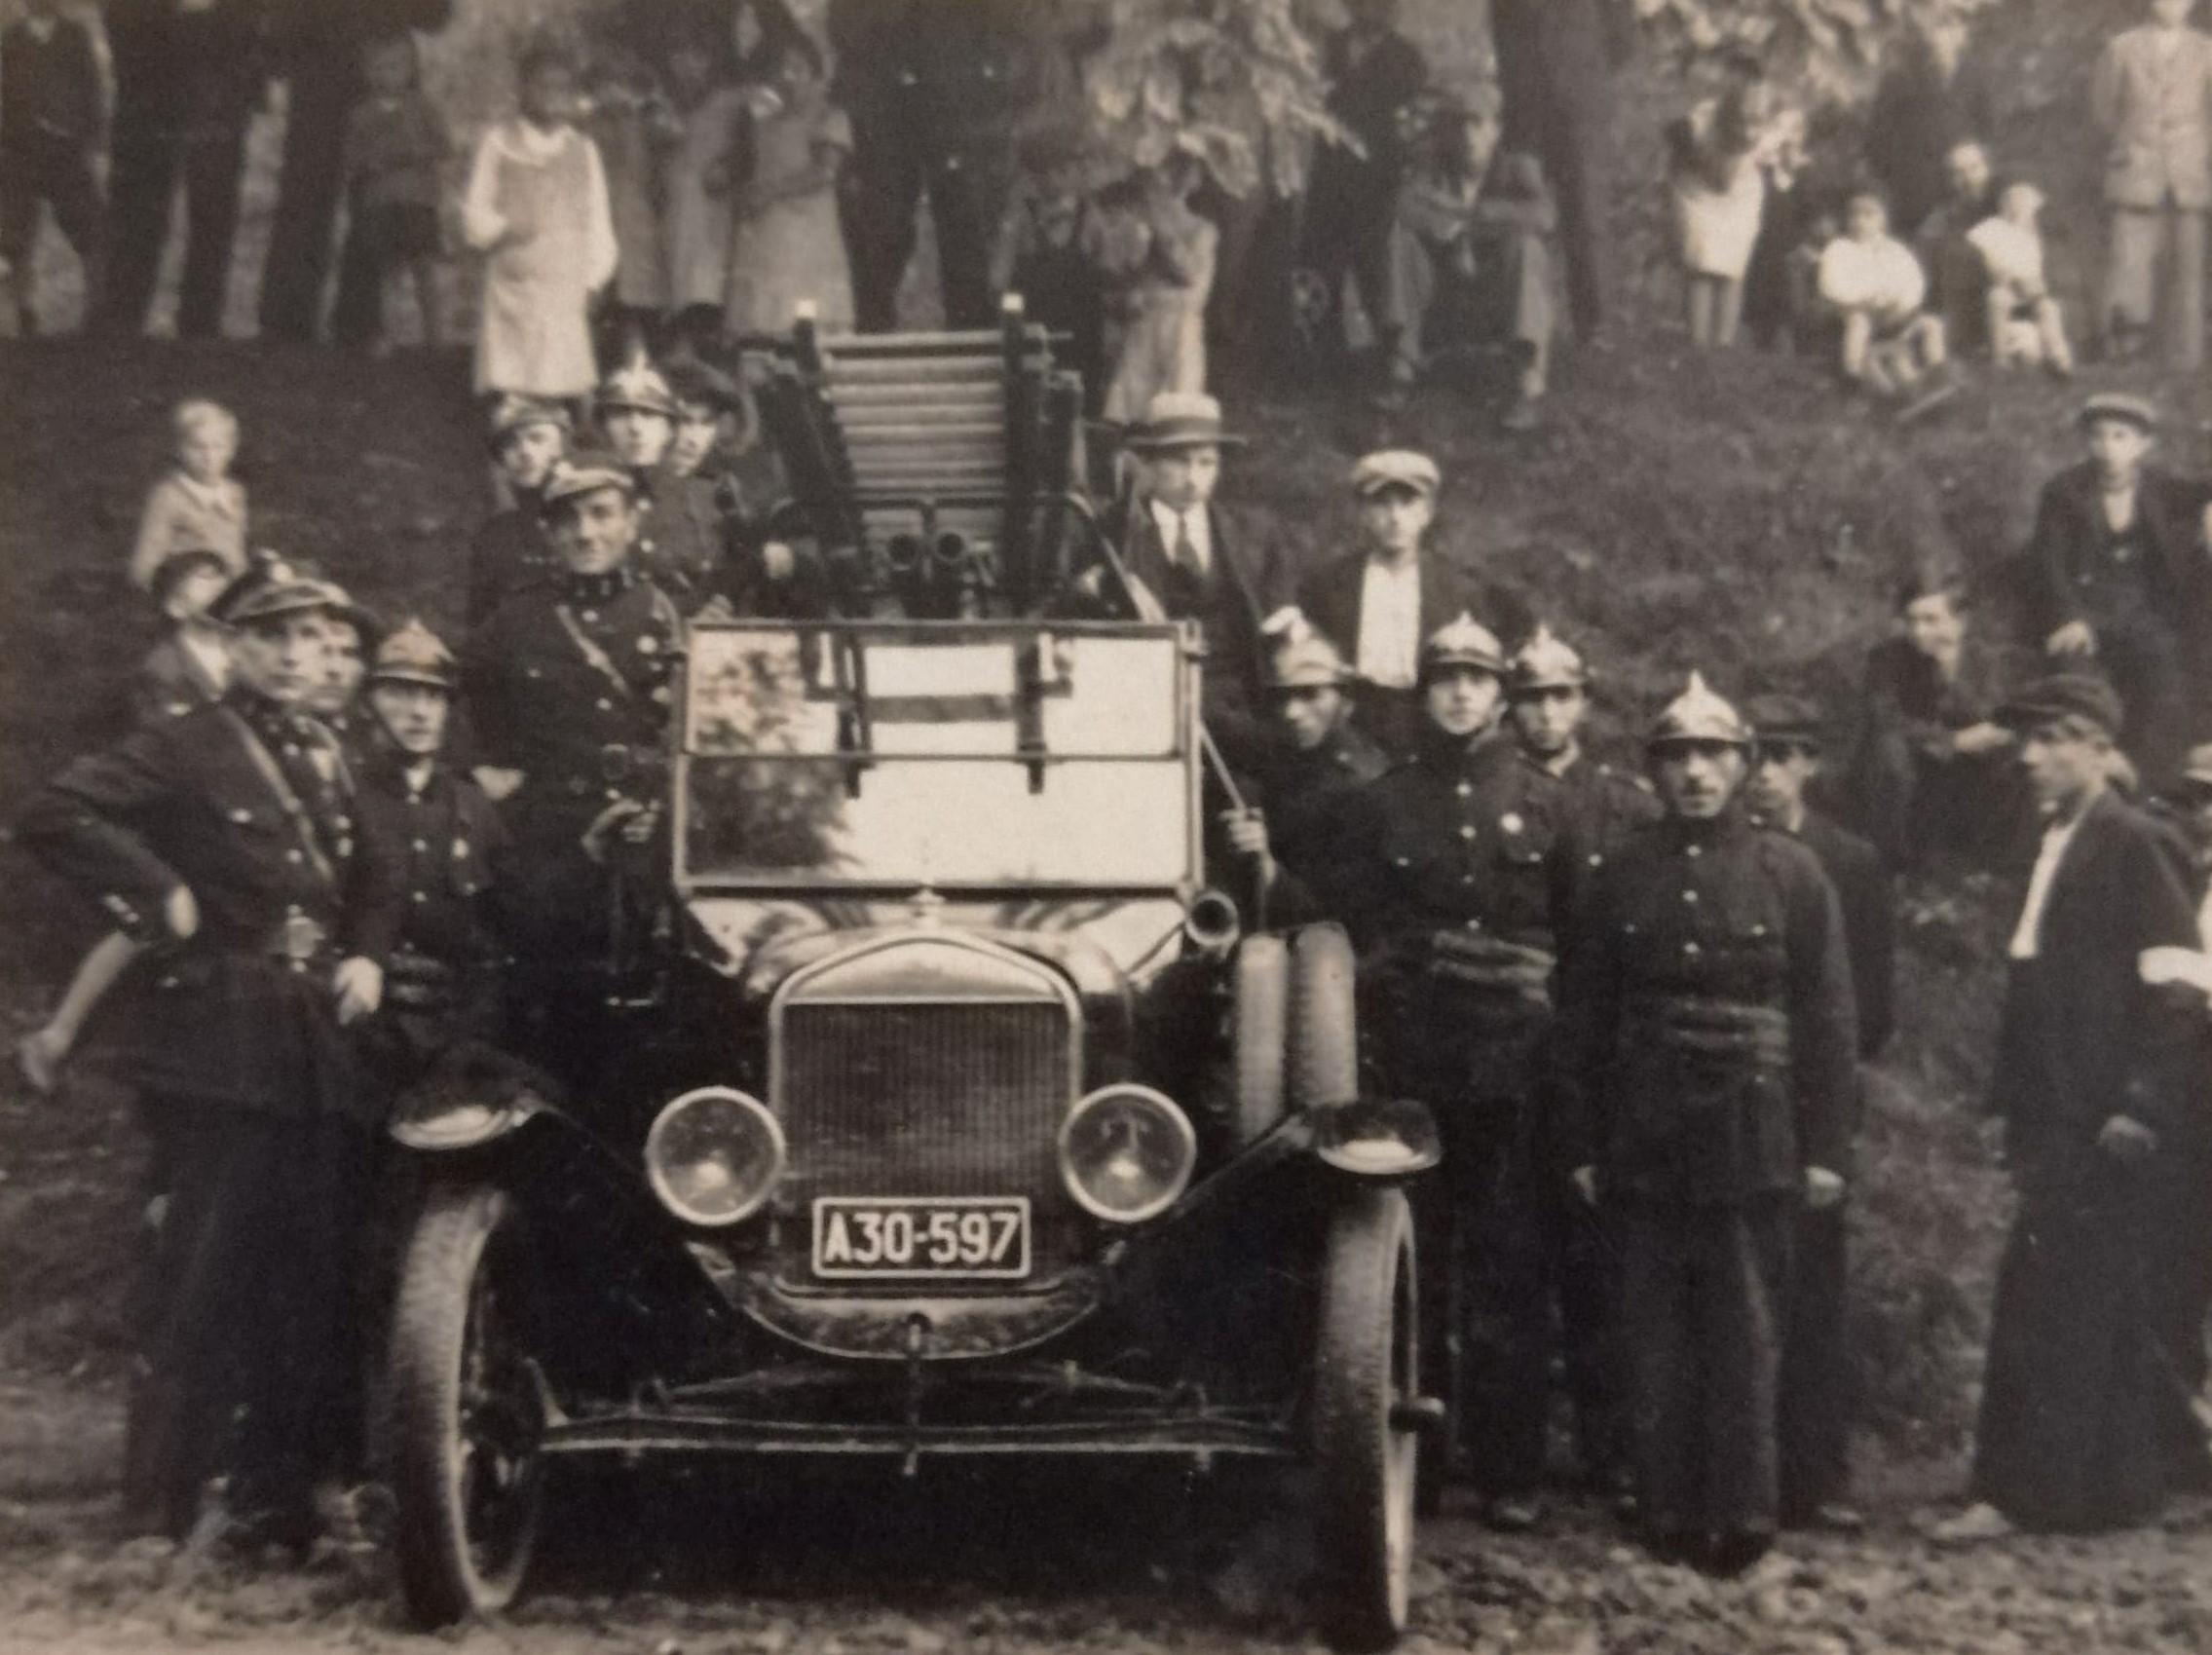 Przekazanie Wozu Starżackiego OSP Miękinia, Grabowski Jan, komendant 1930 (1938)